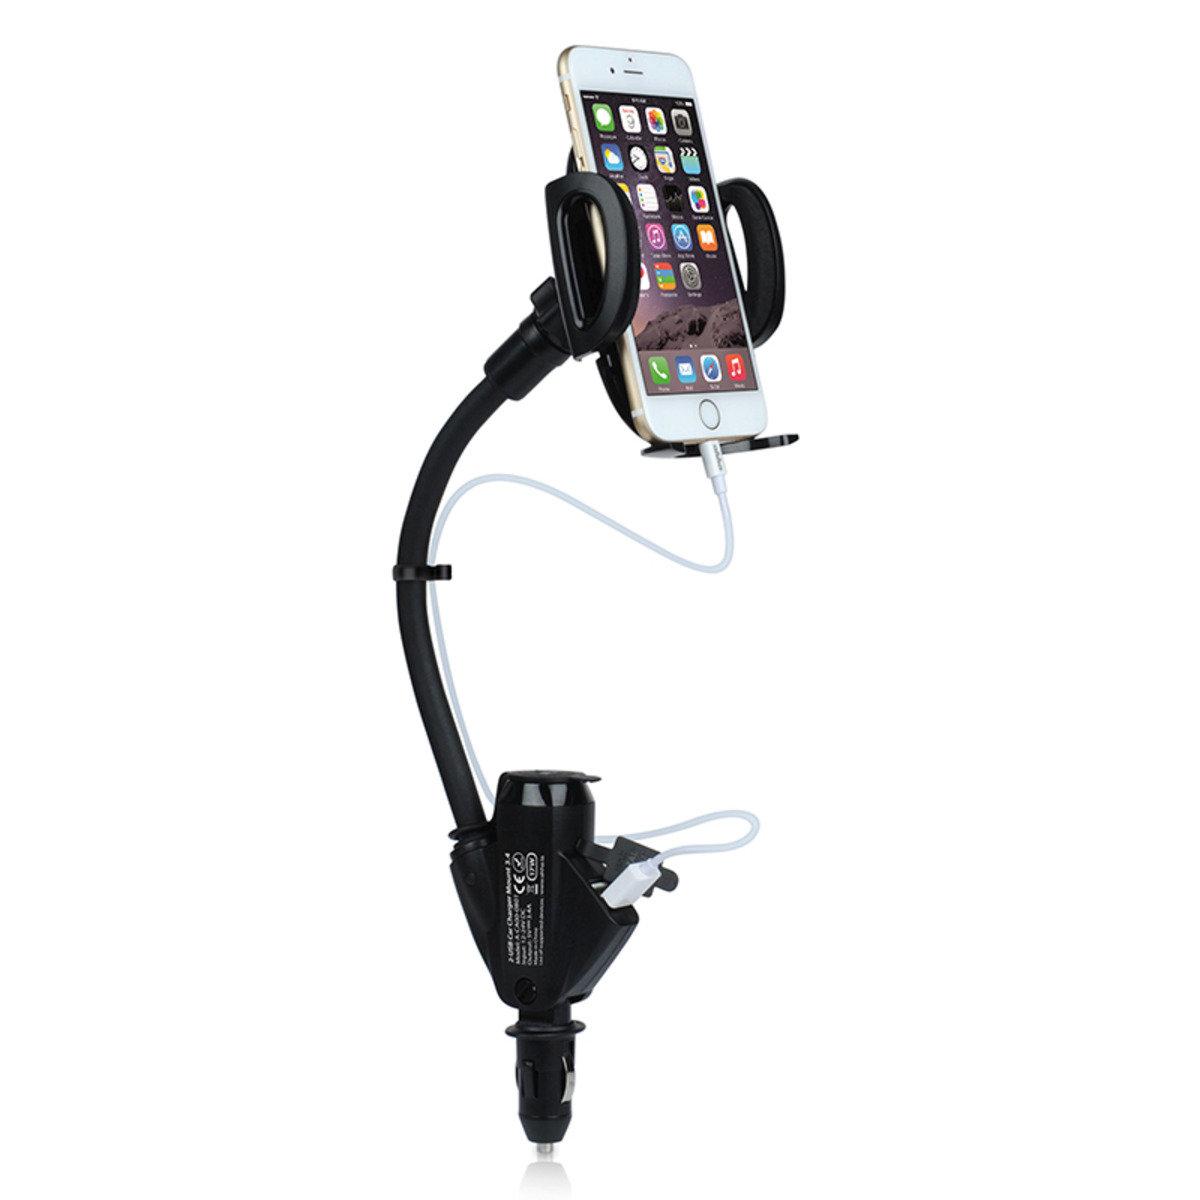 2合1汽車手機支架連 2 USB 充電器